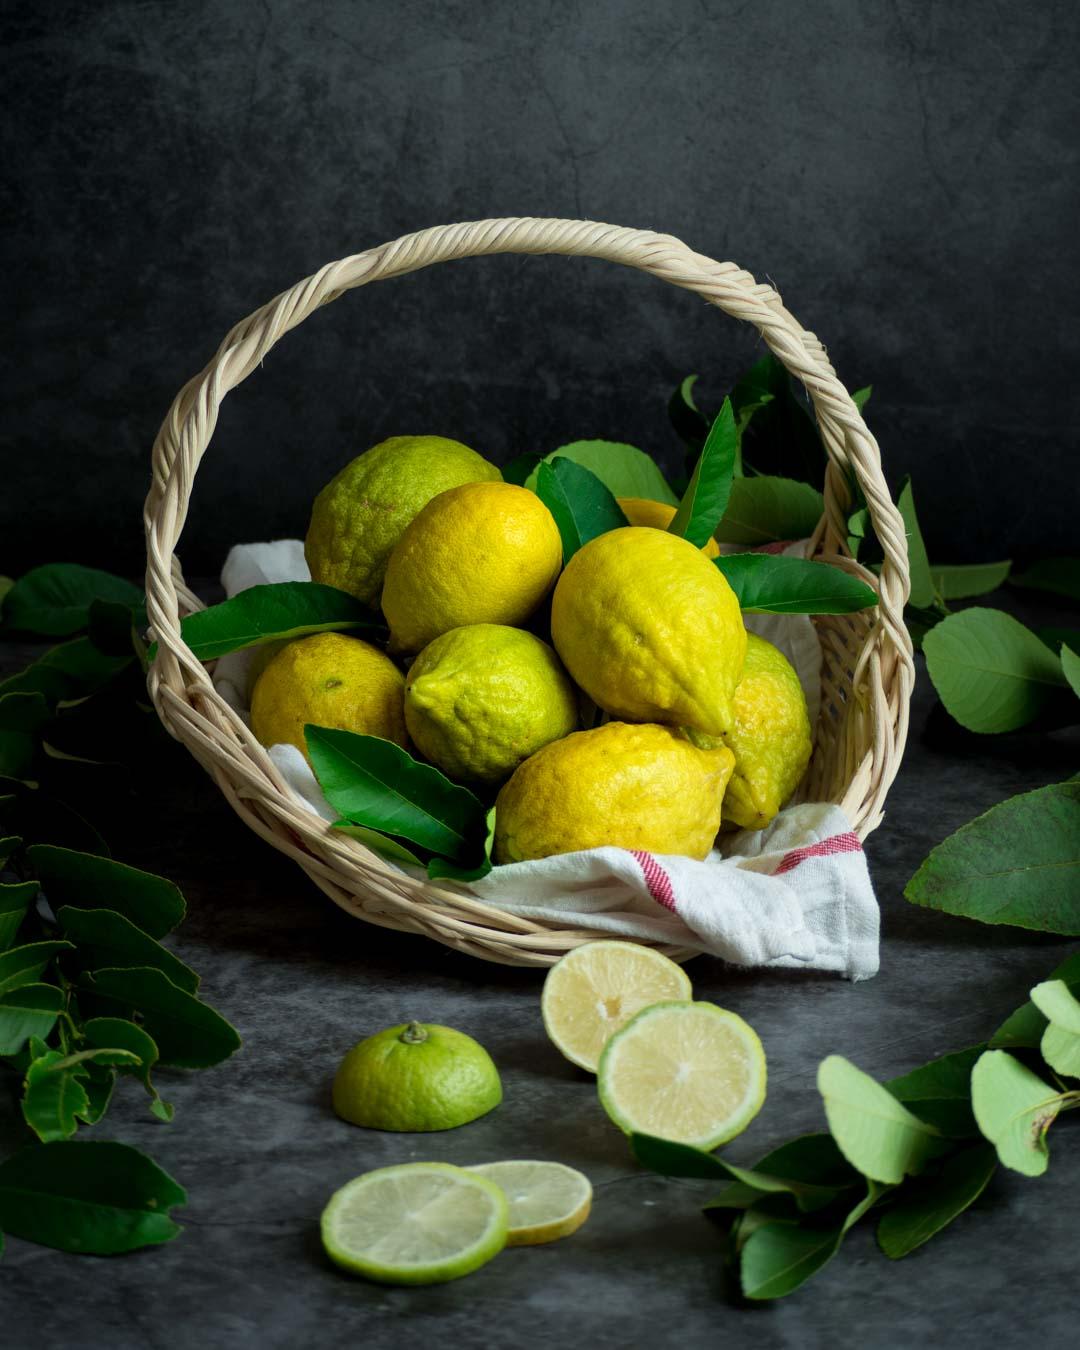 lemons in a basket